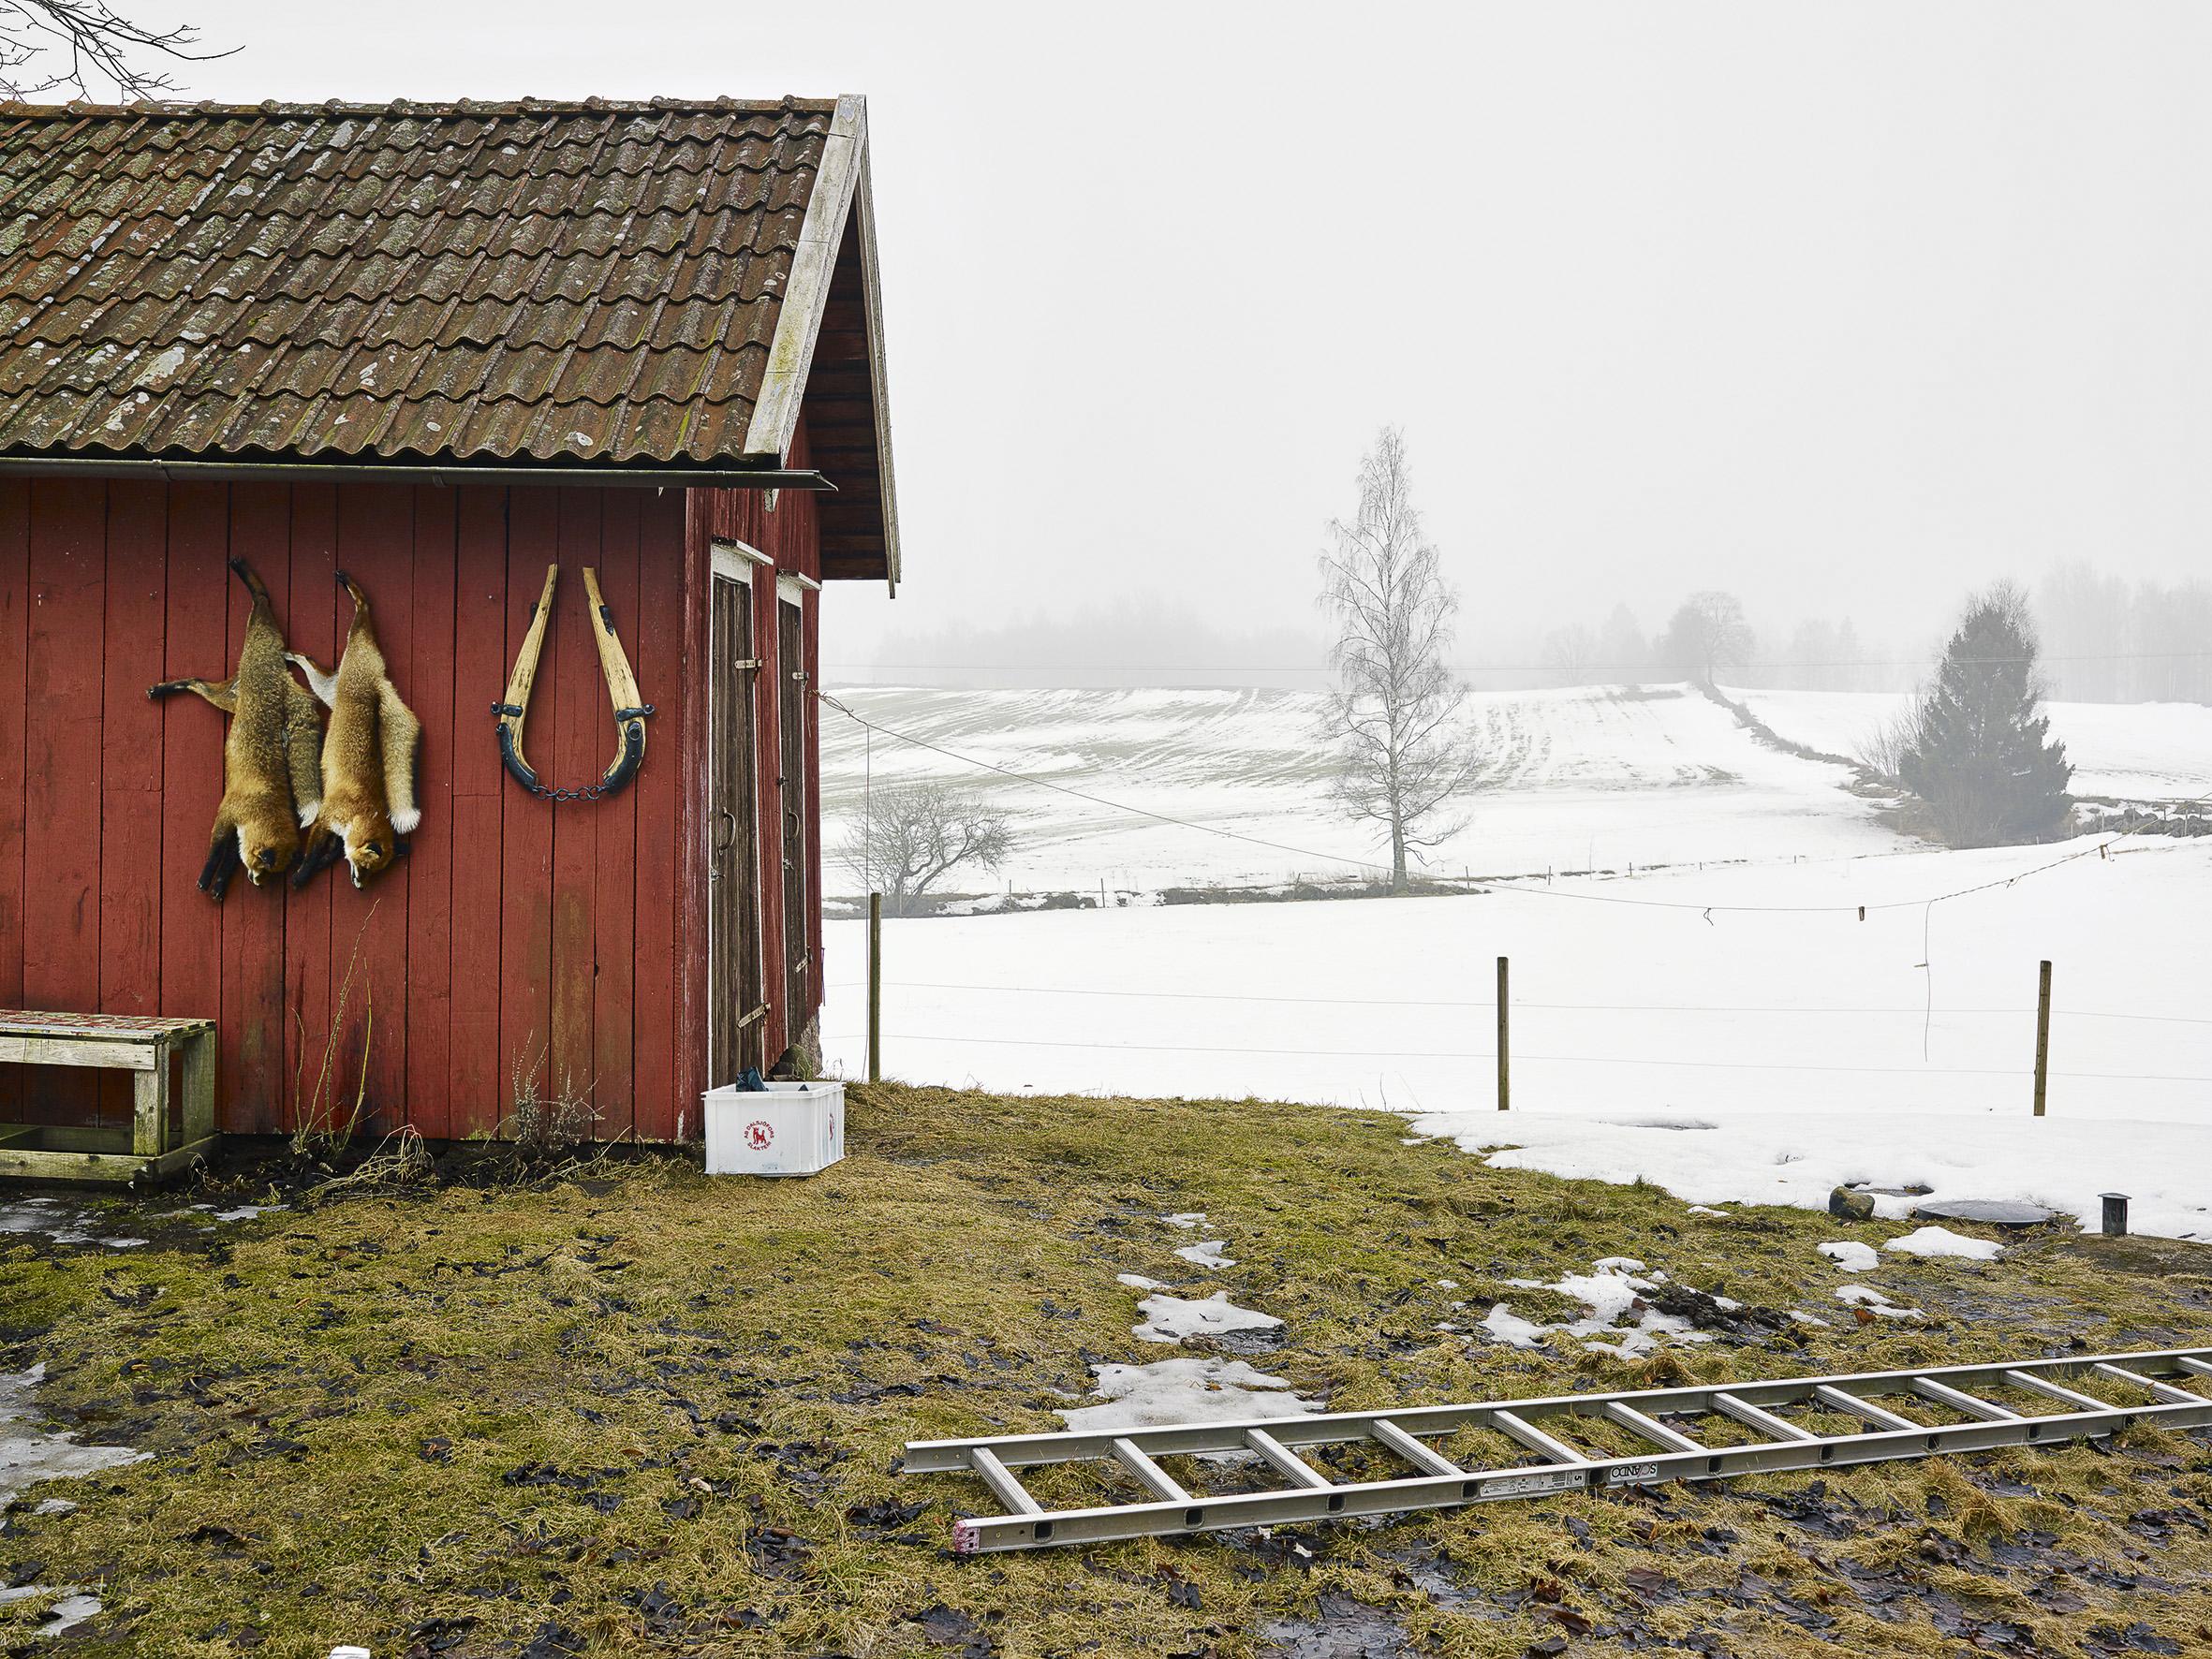 Od, Västergötland, Sweden, March 14, 2011